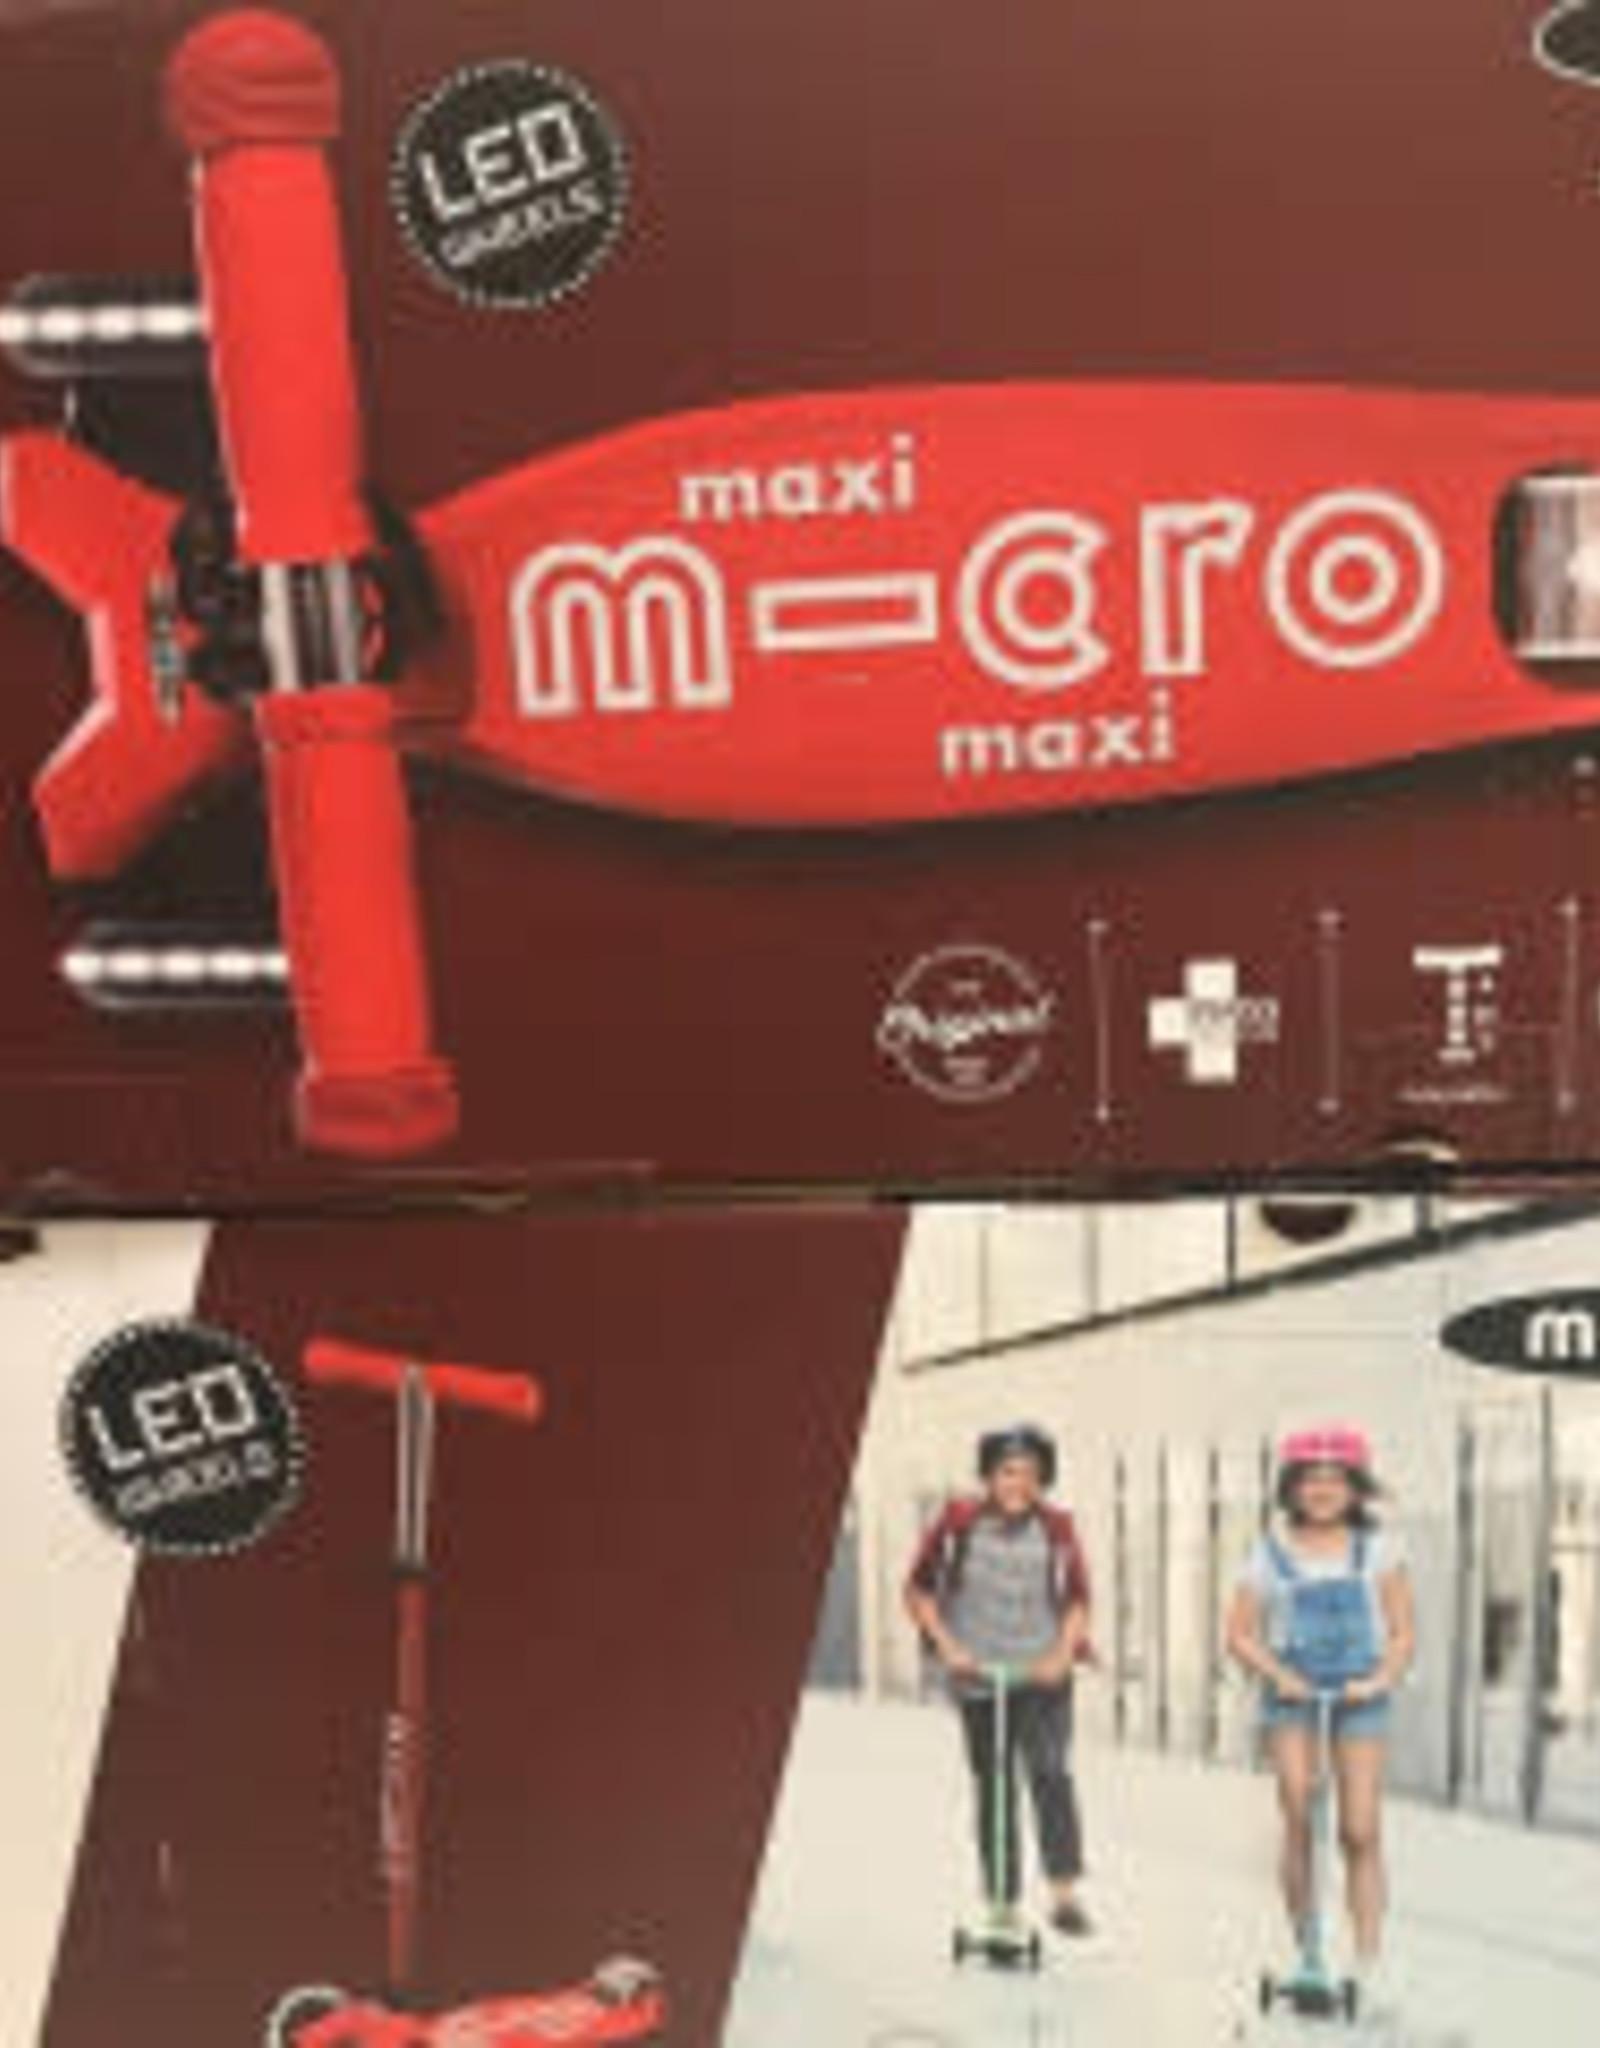 MICRO LED MAXI